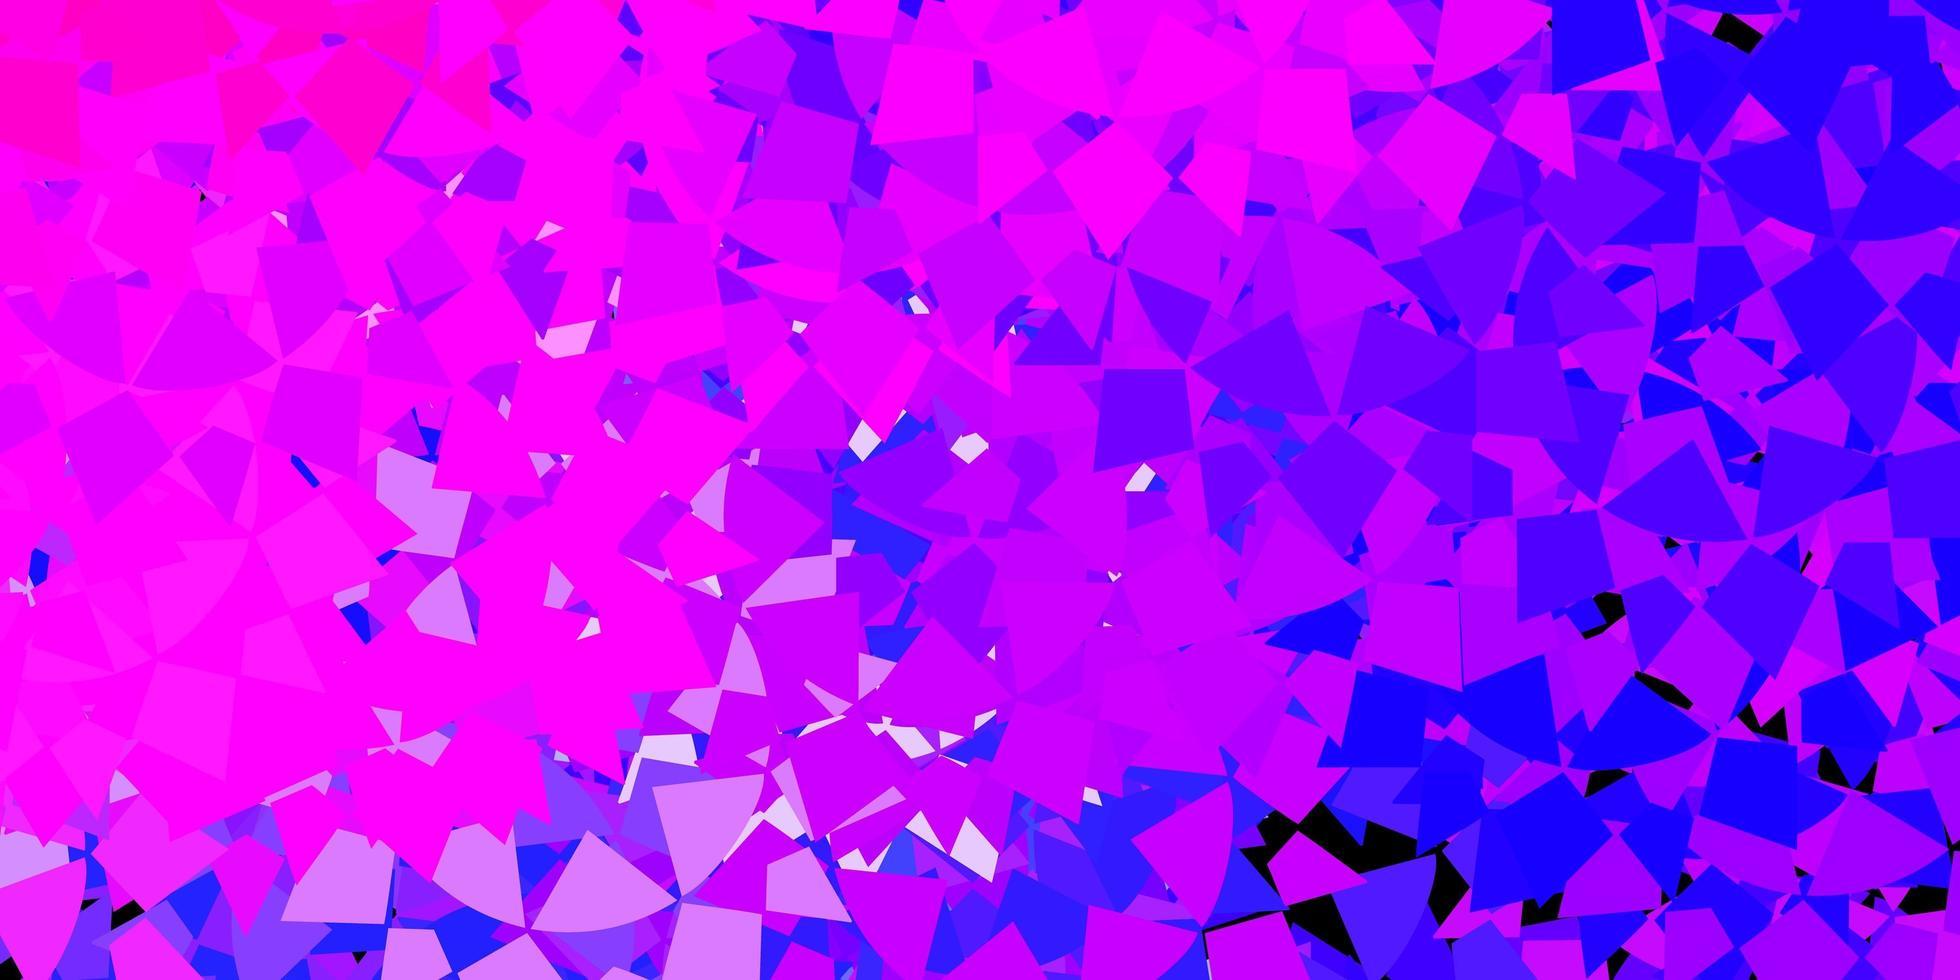 roze en blauwe driehoek vormen sjabloon vector